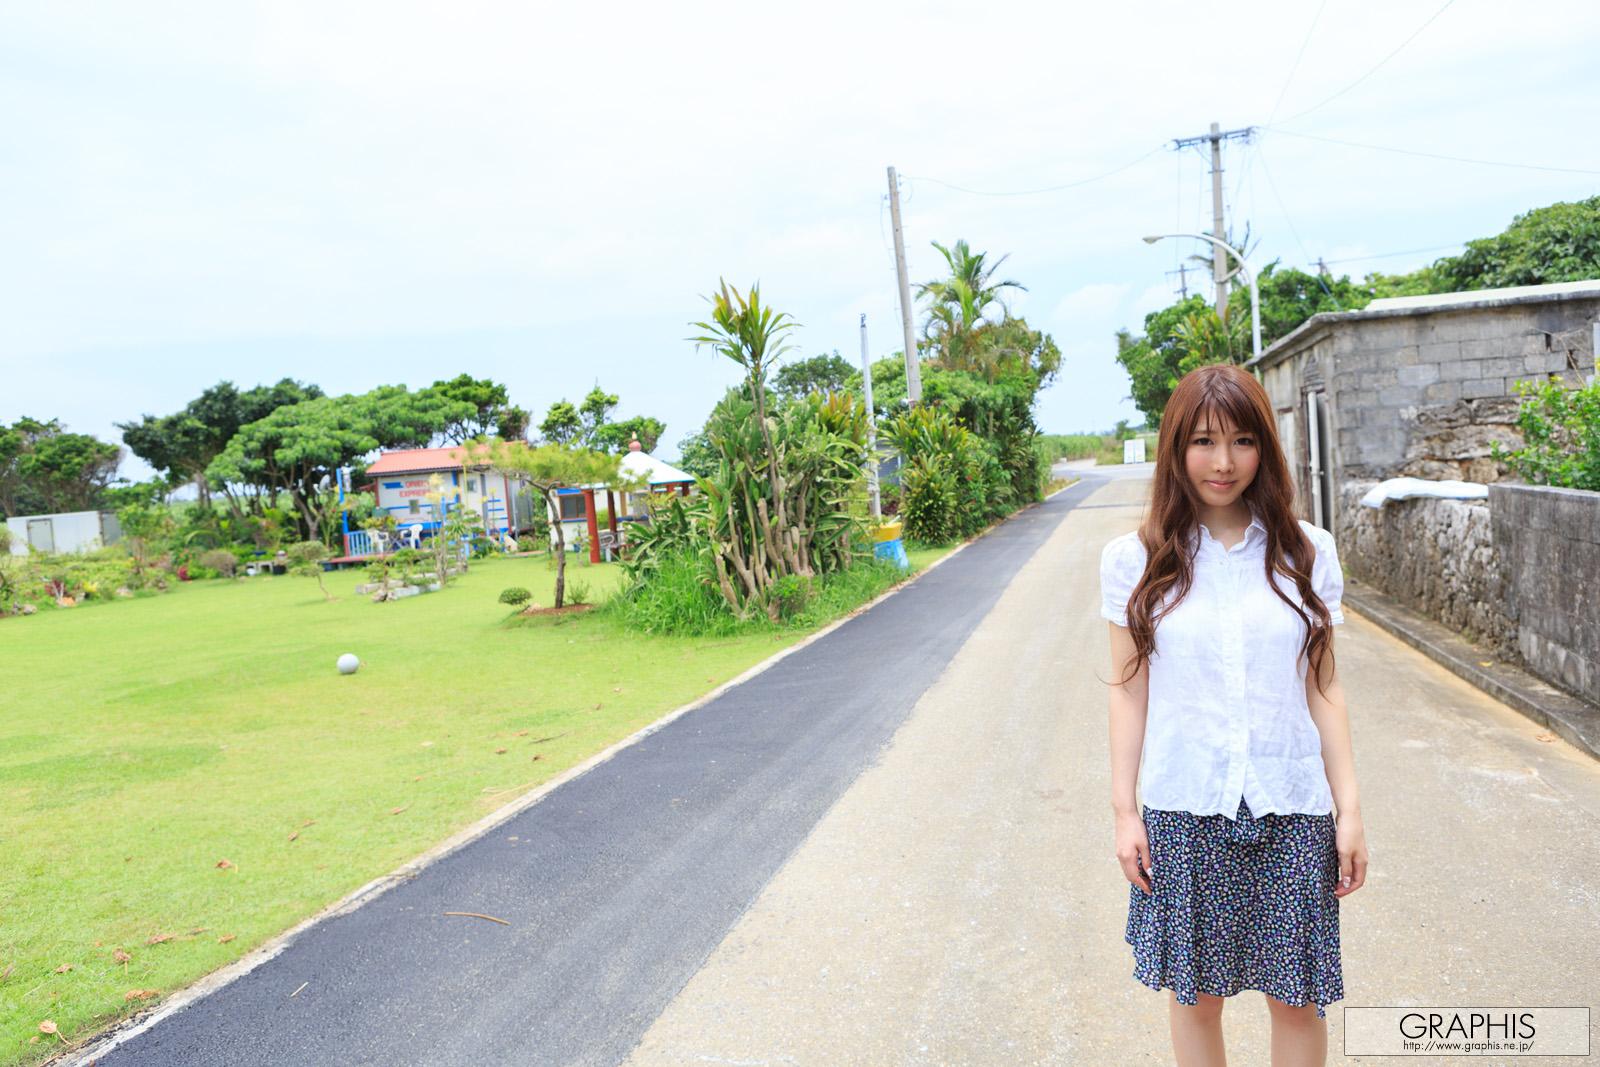 gra_azumi-k001.jpg